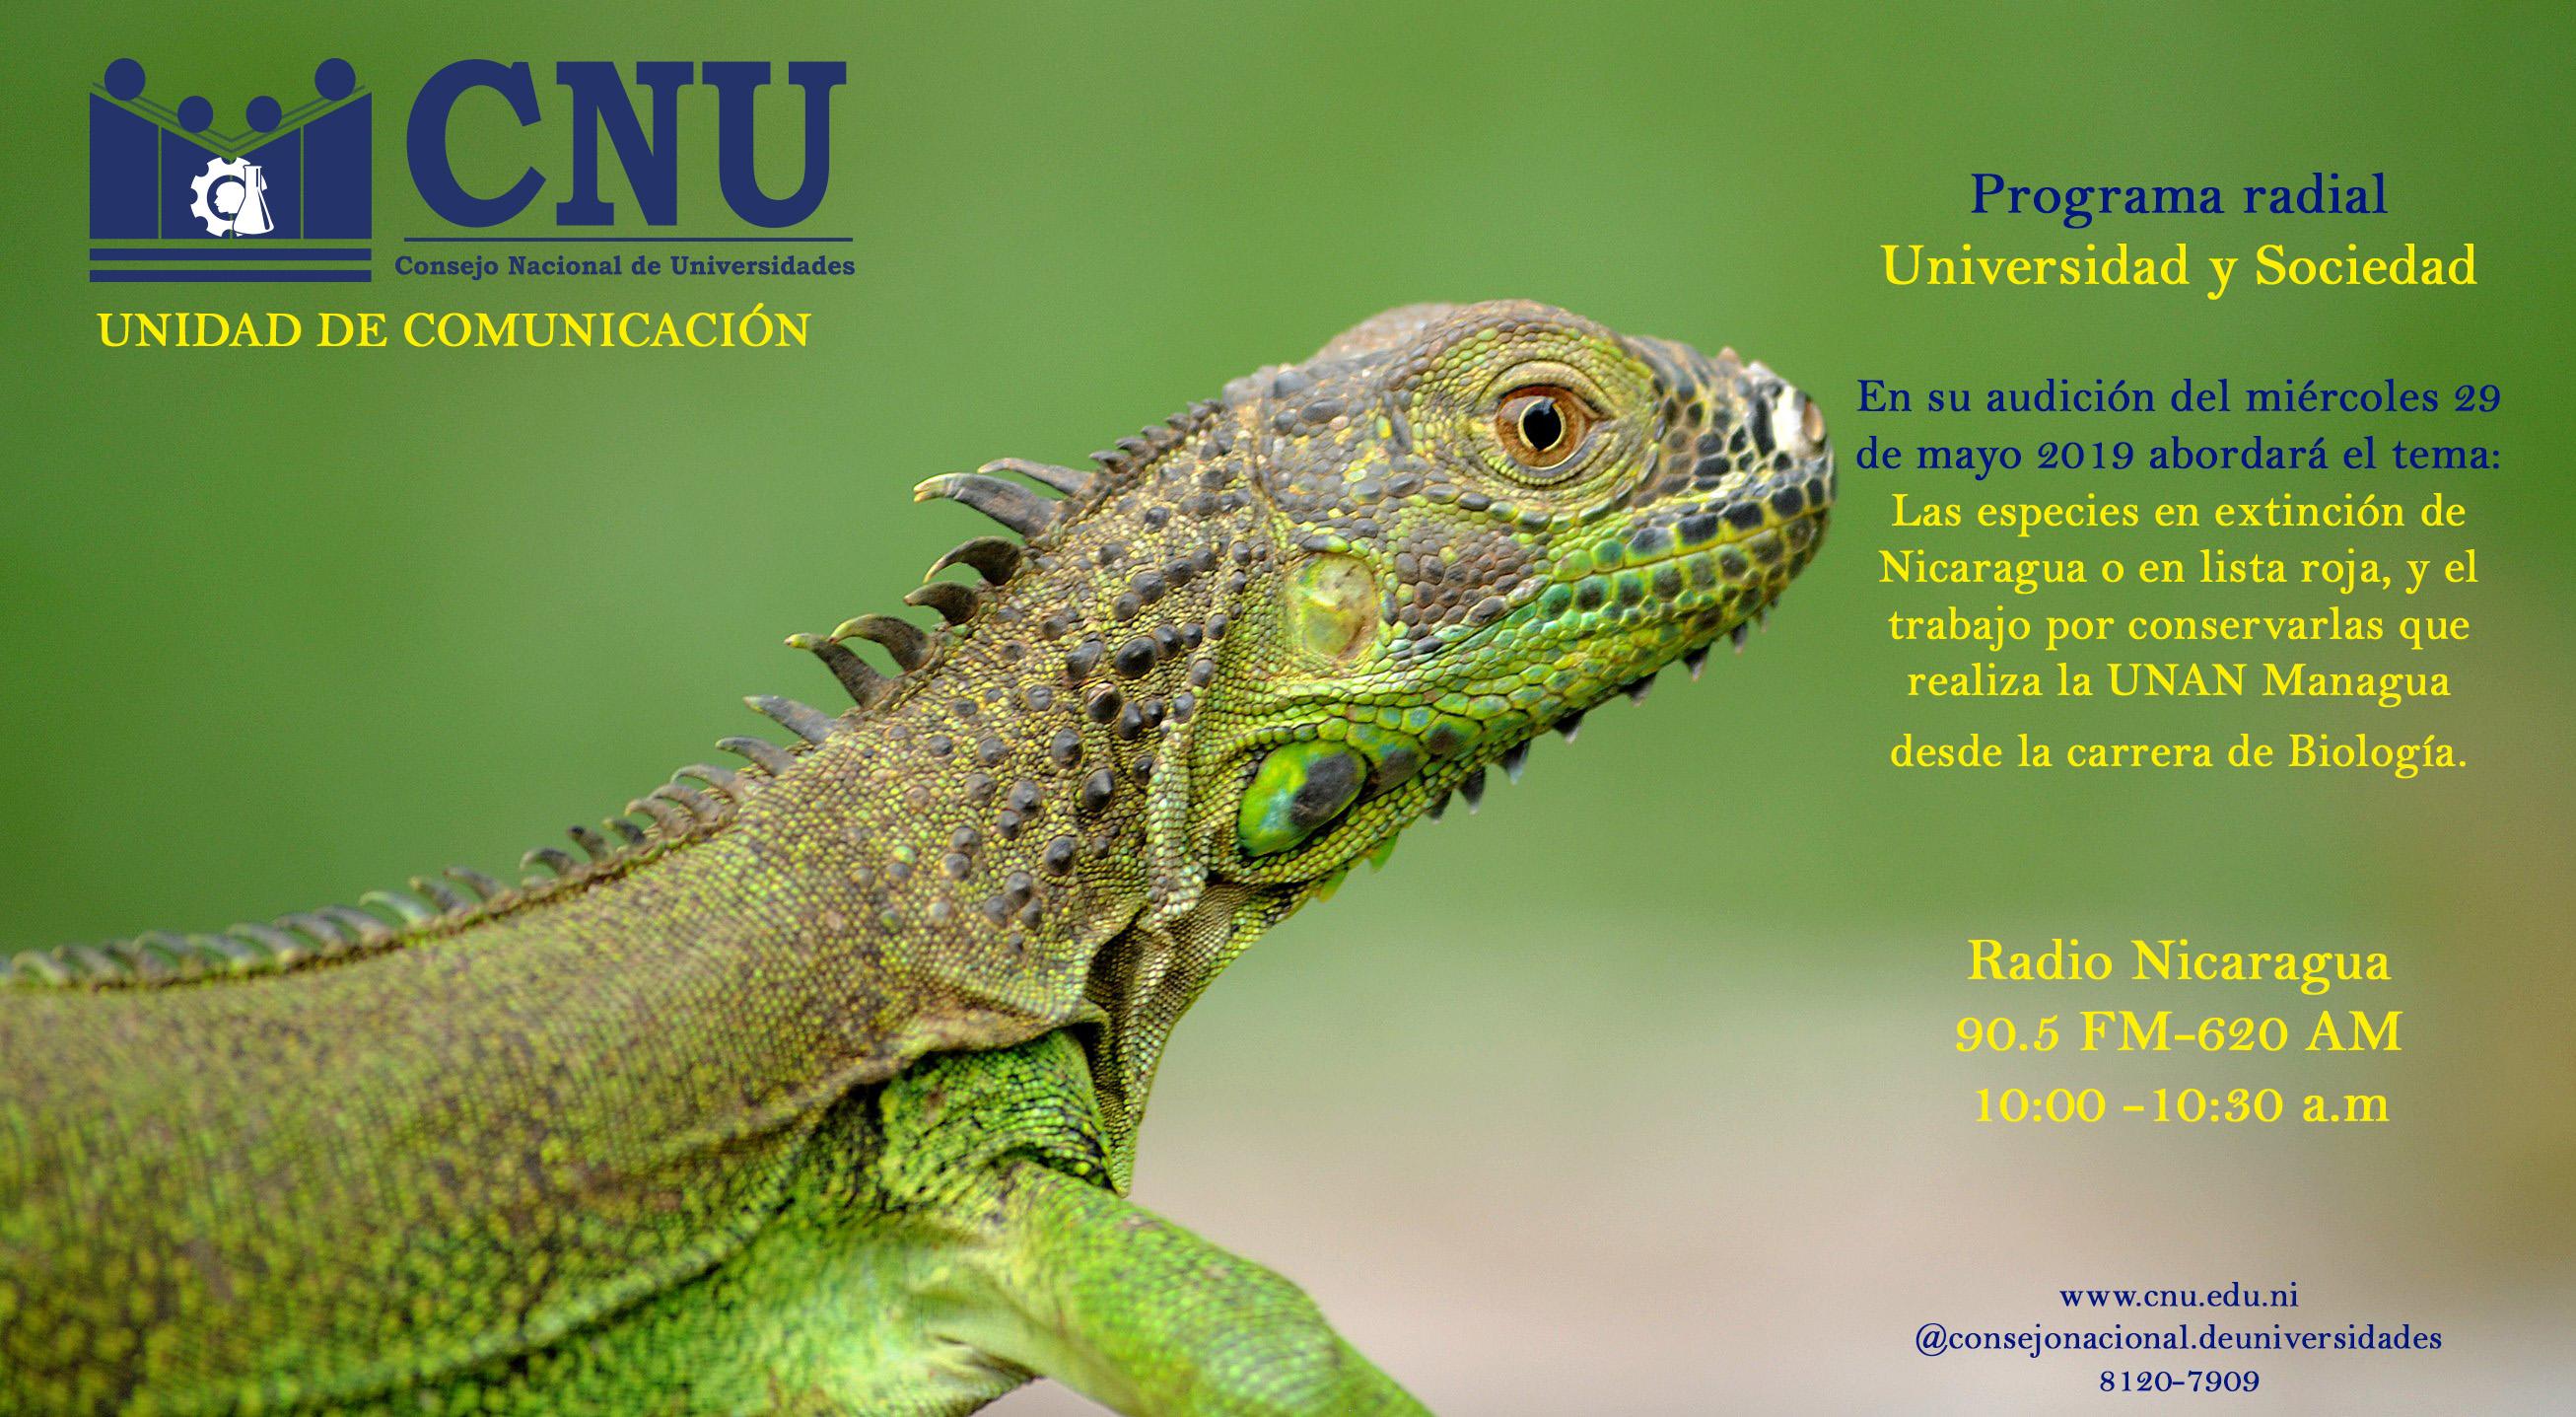 Iguana-CNU-RADIO